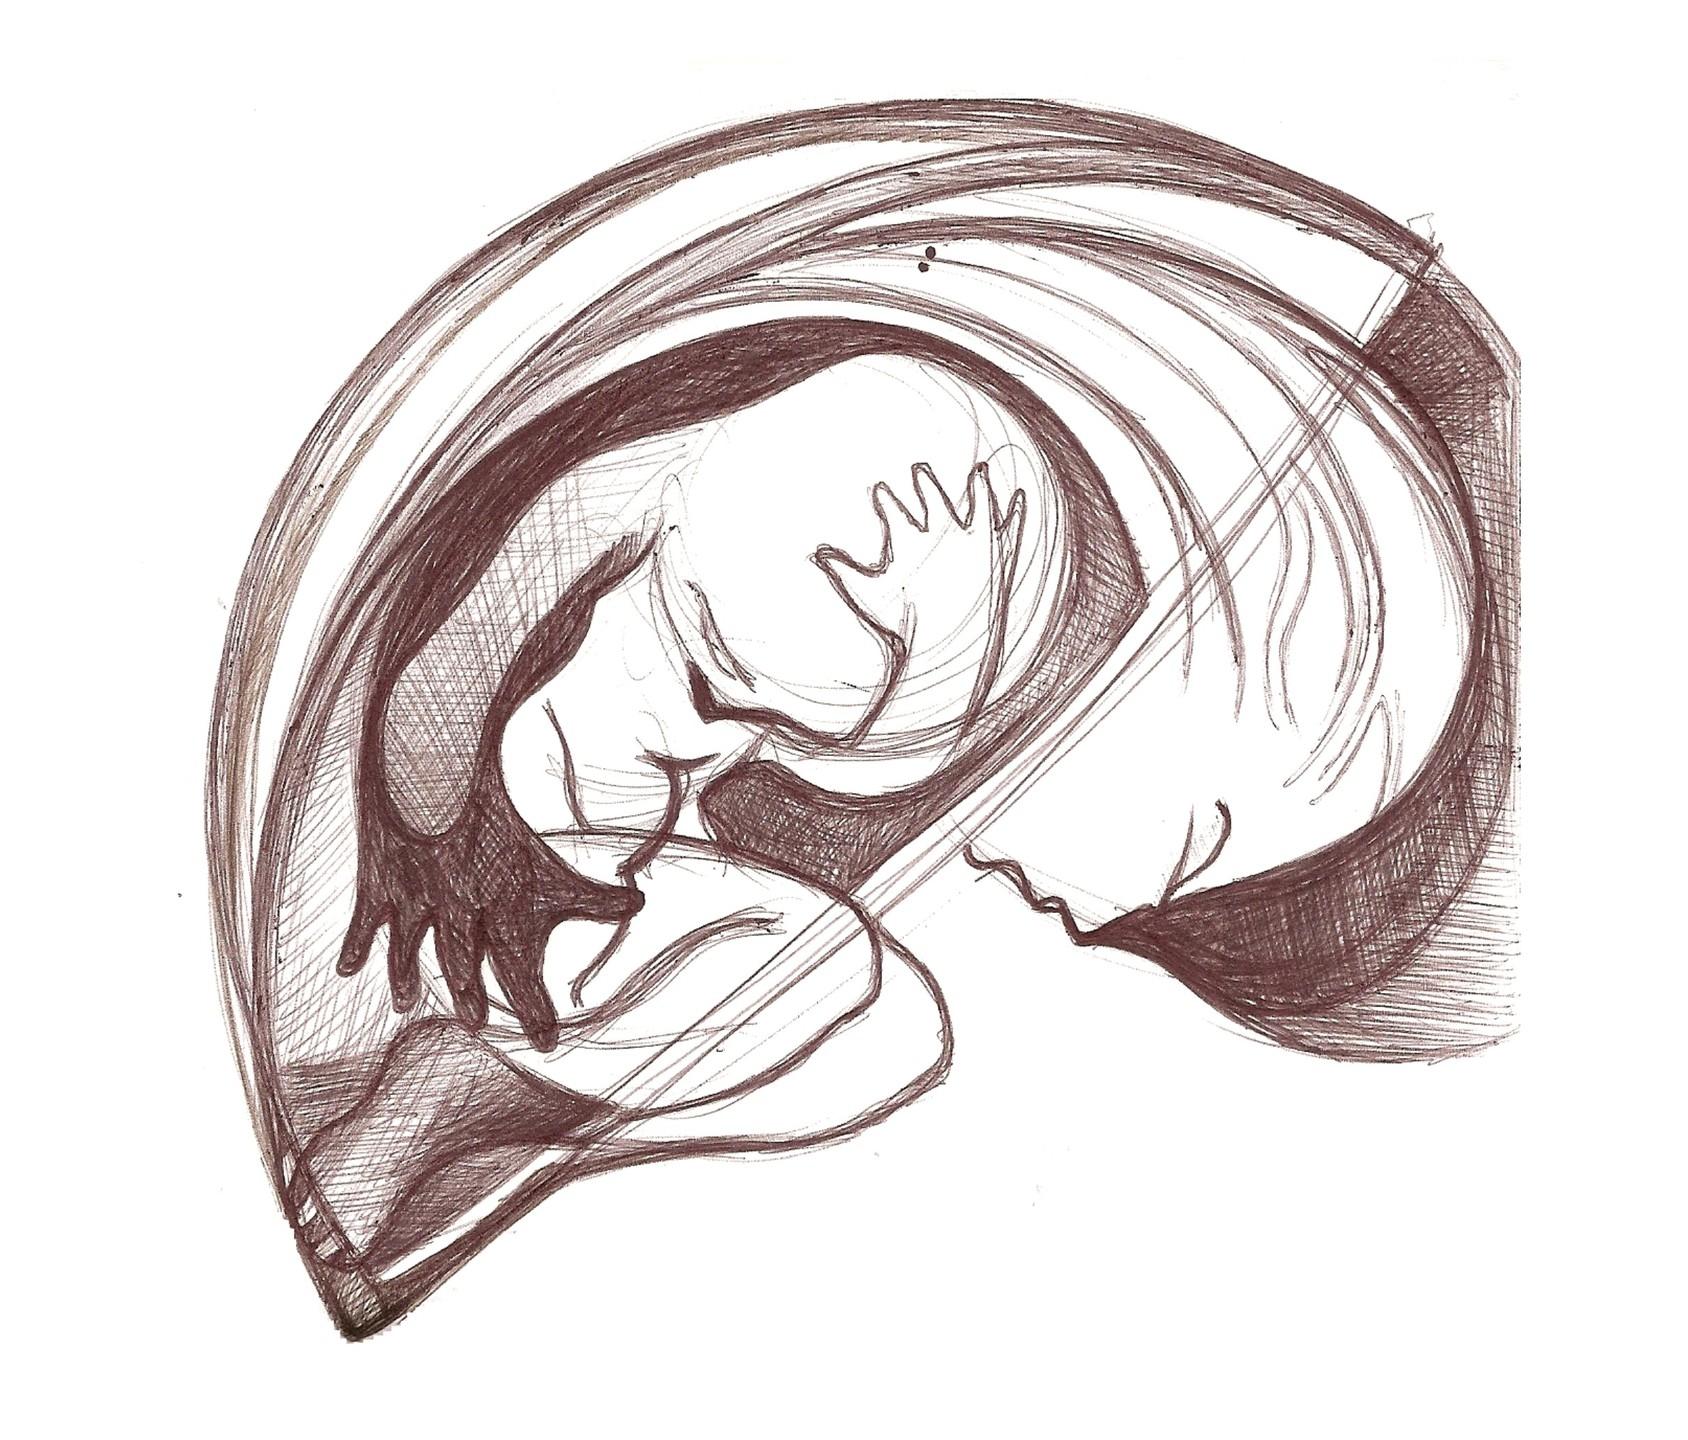 Ladislau da Regueira   Cadernos d'Anotações   O Início da Vida. Reubicação e Crescemento no Hábitat  (2008)